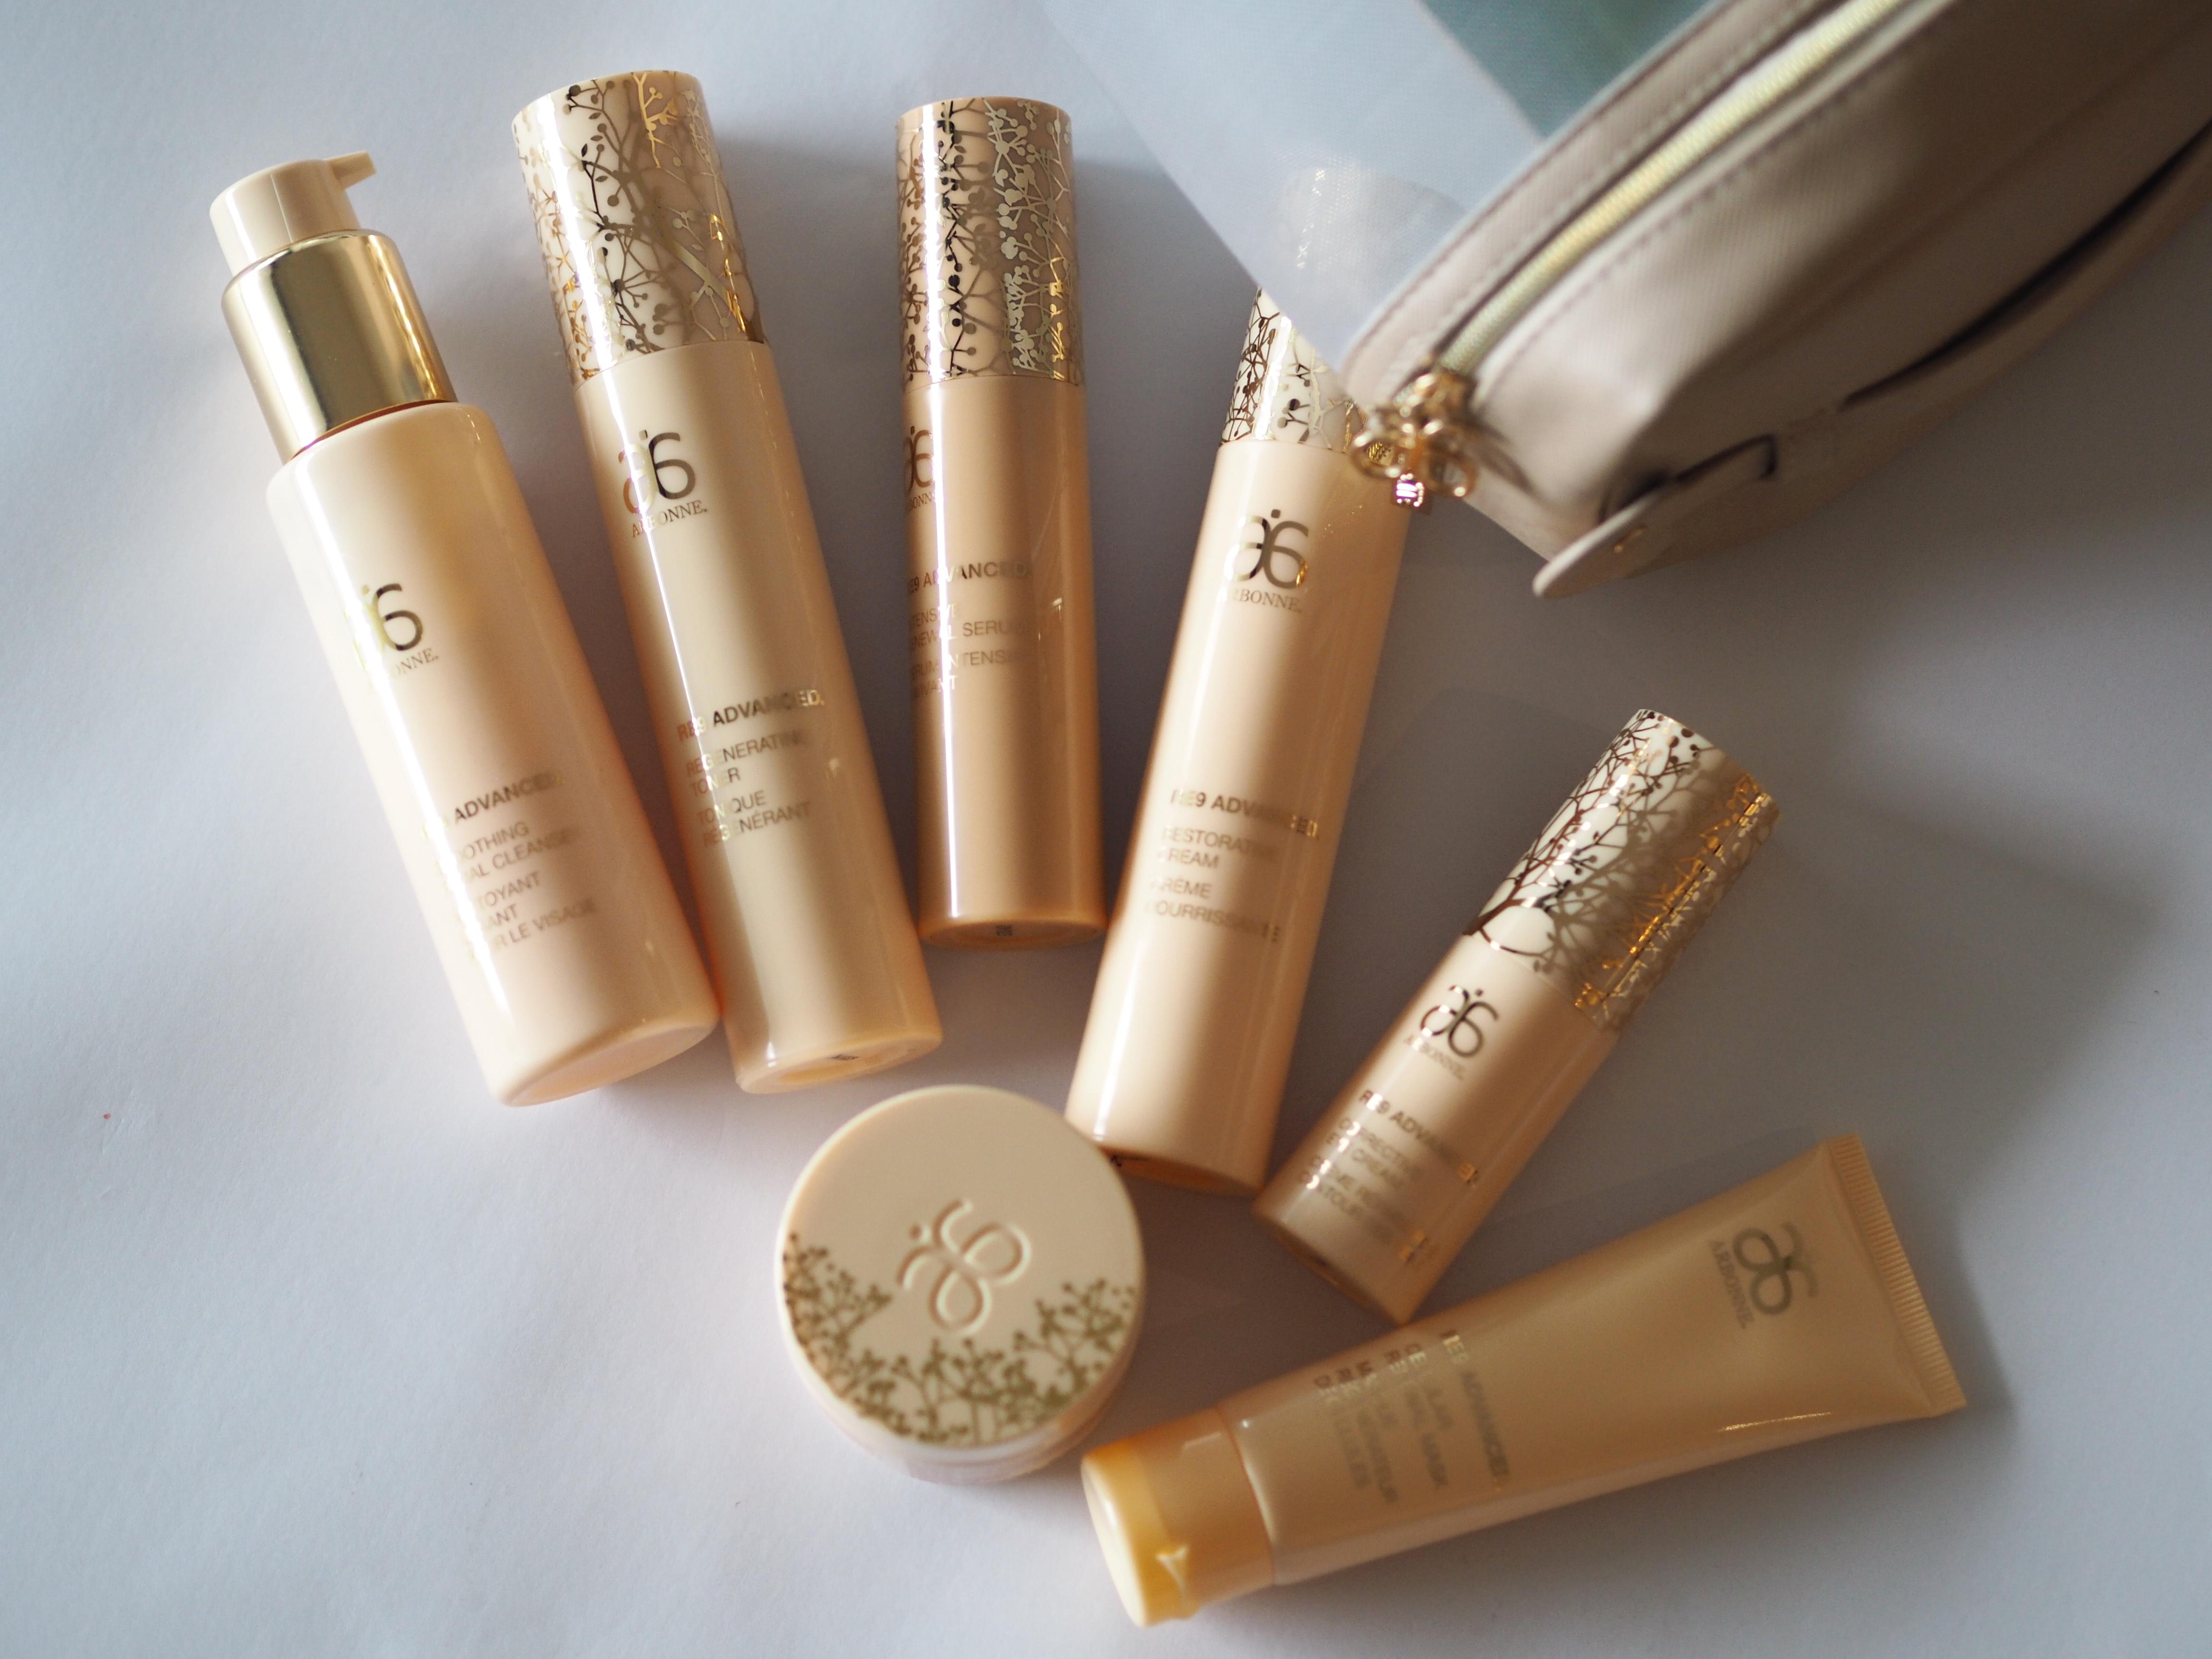 antioxidant serum anti aging cream